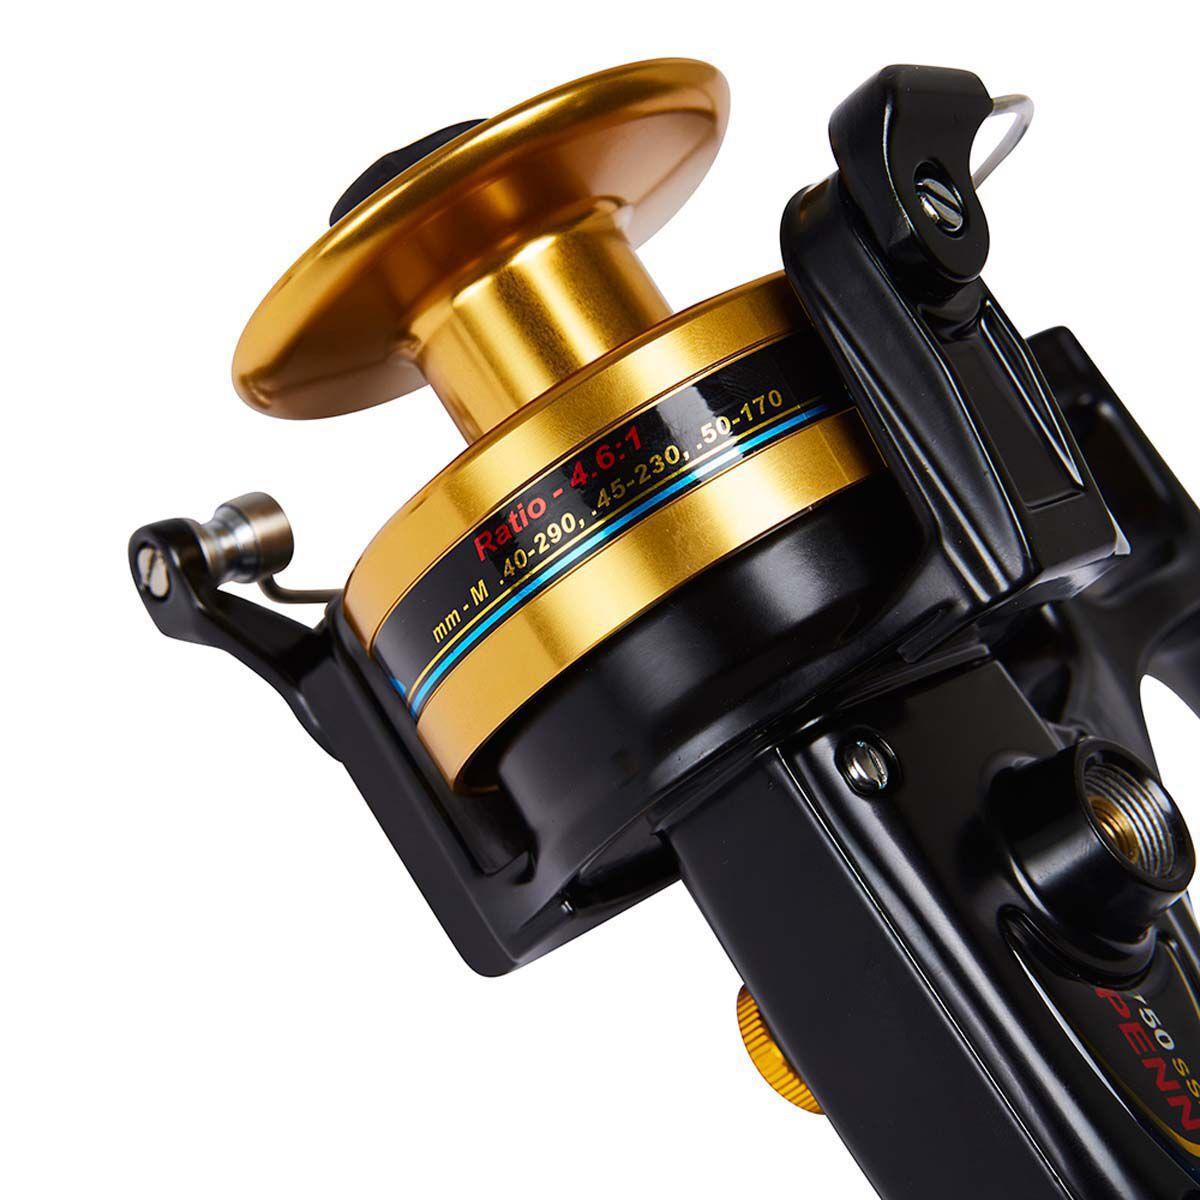 Penn 750 SSM Spinning Reel USED PENN REEL PART Bail Spring Cover